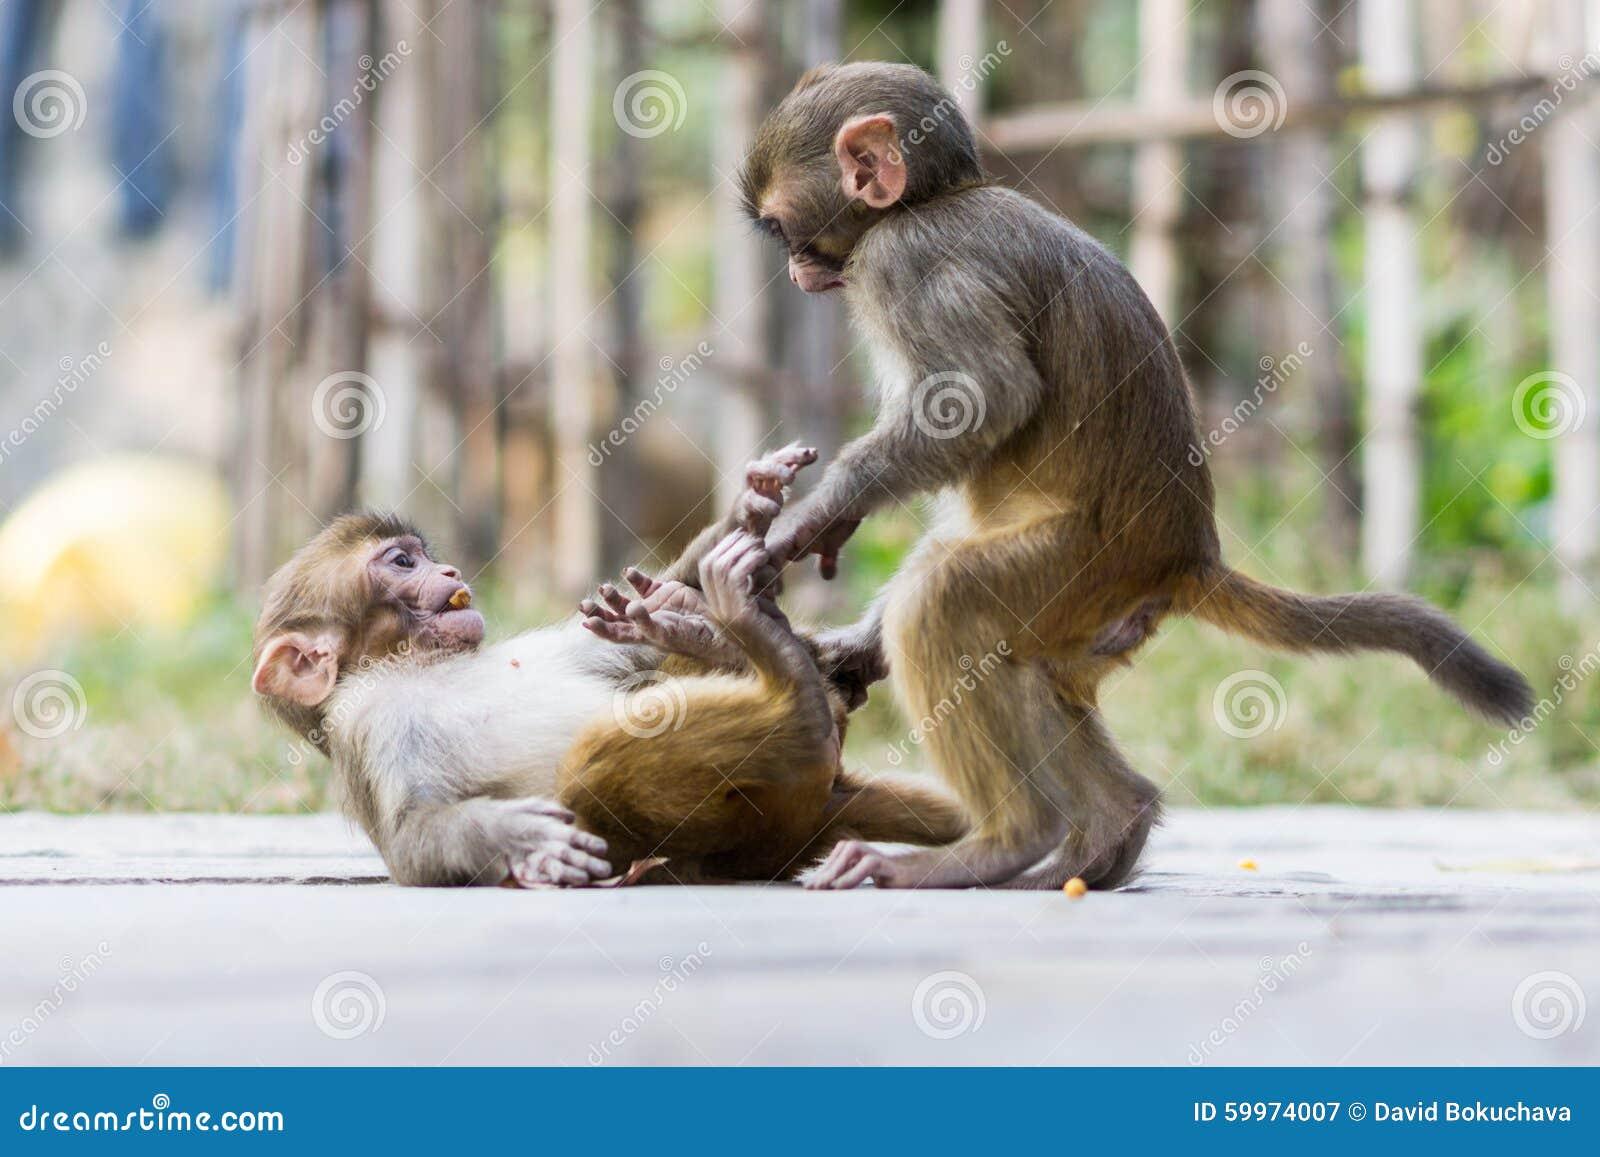 Two baby monkeys